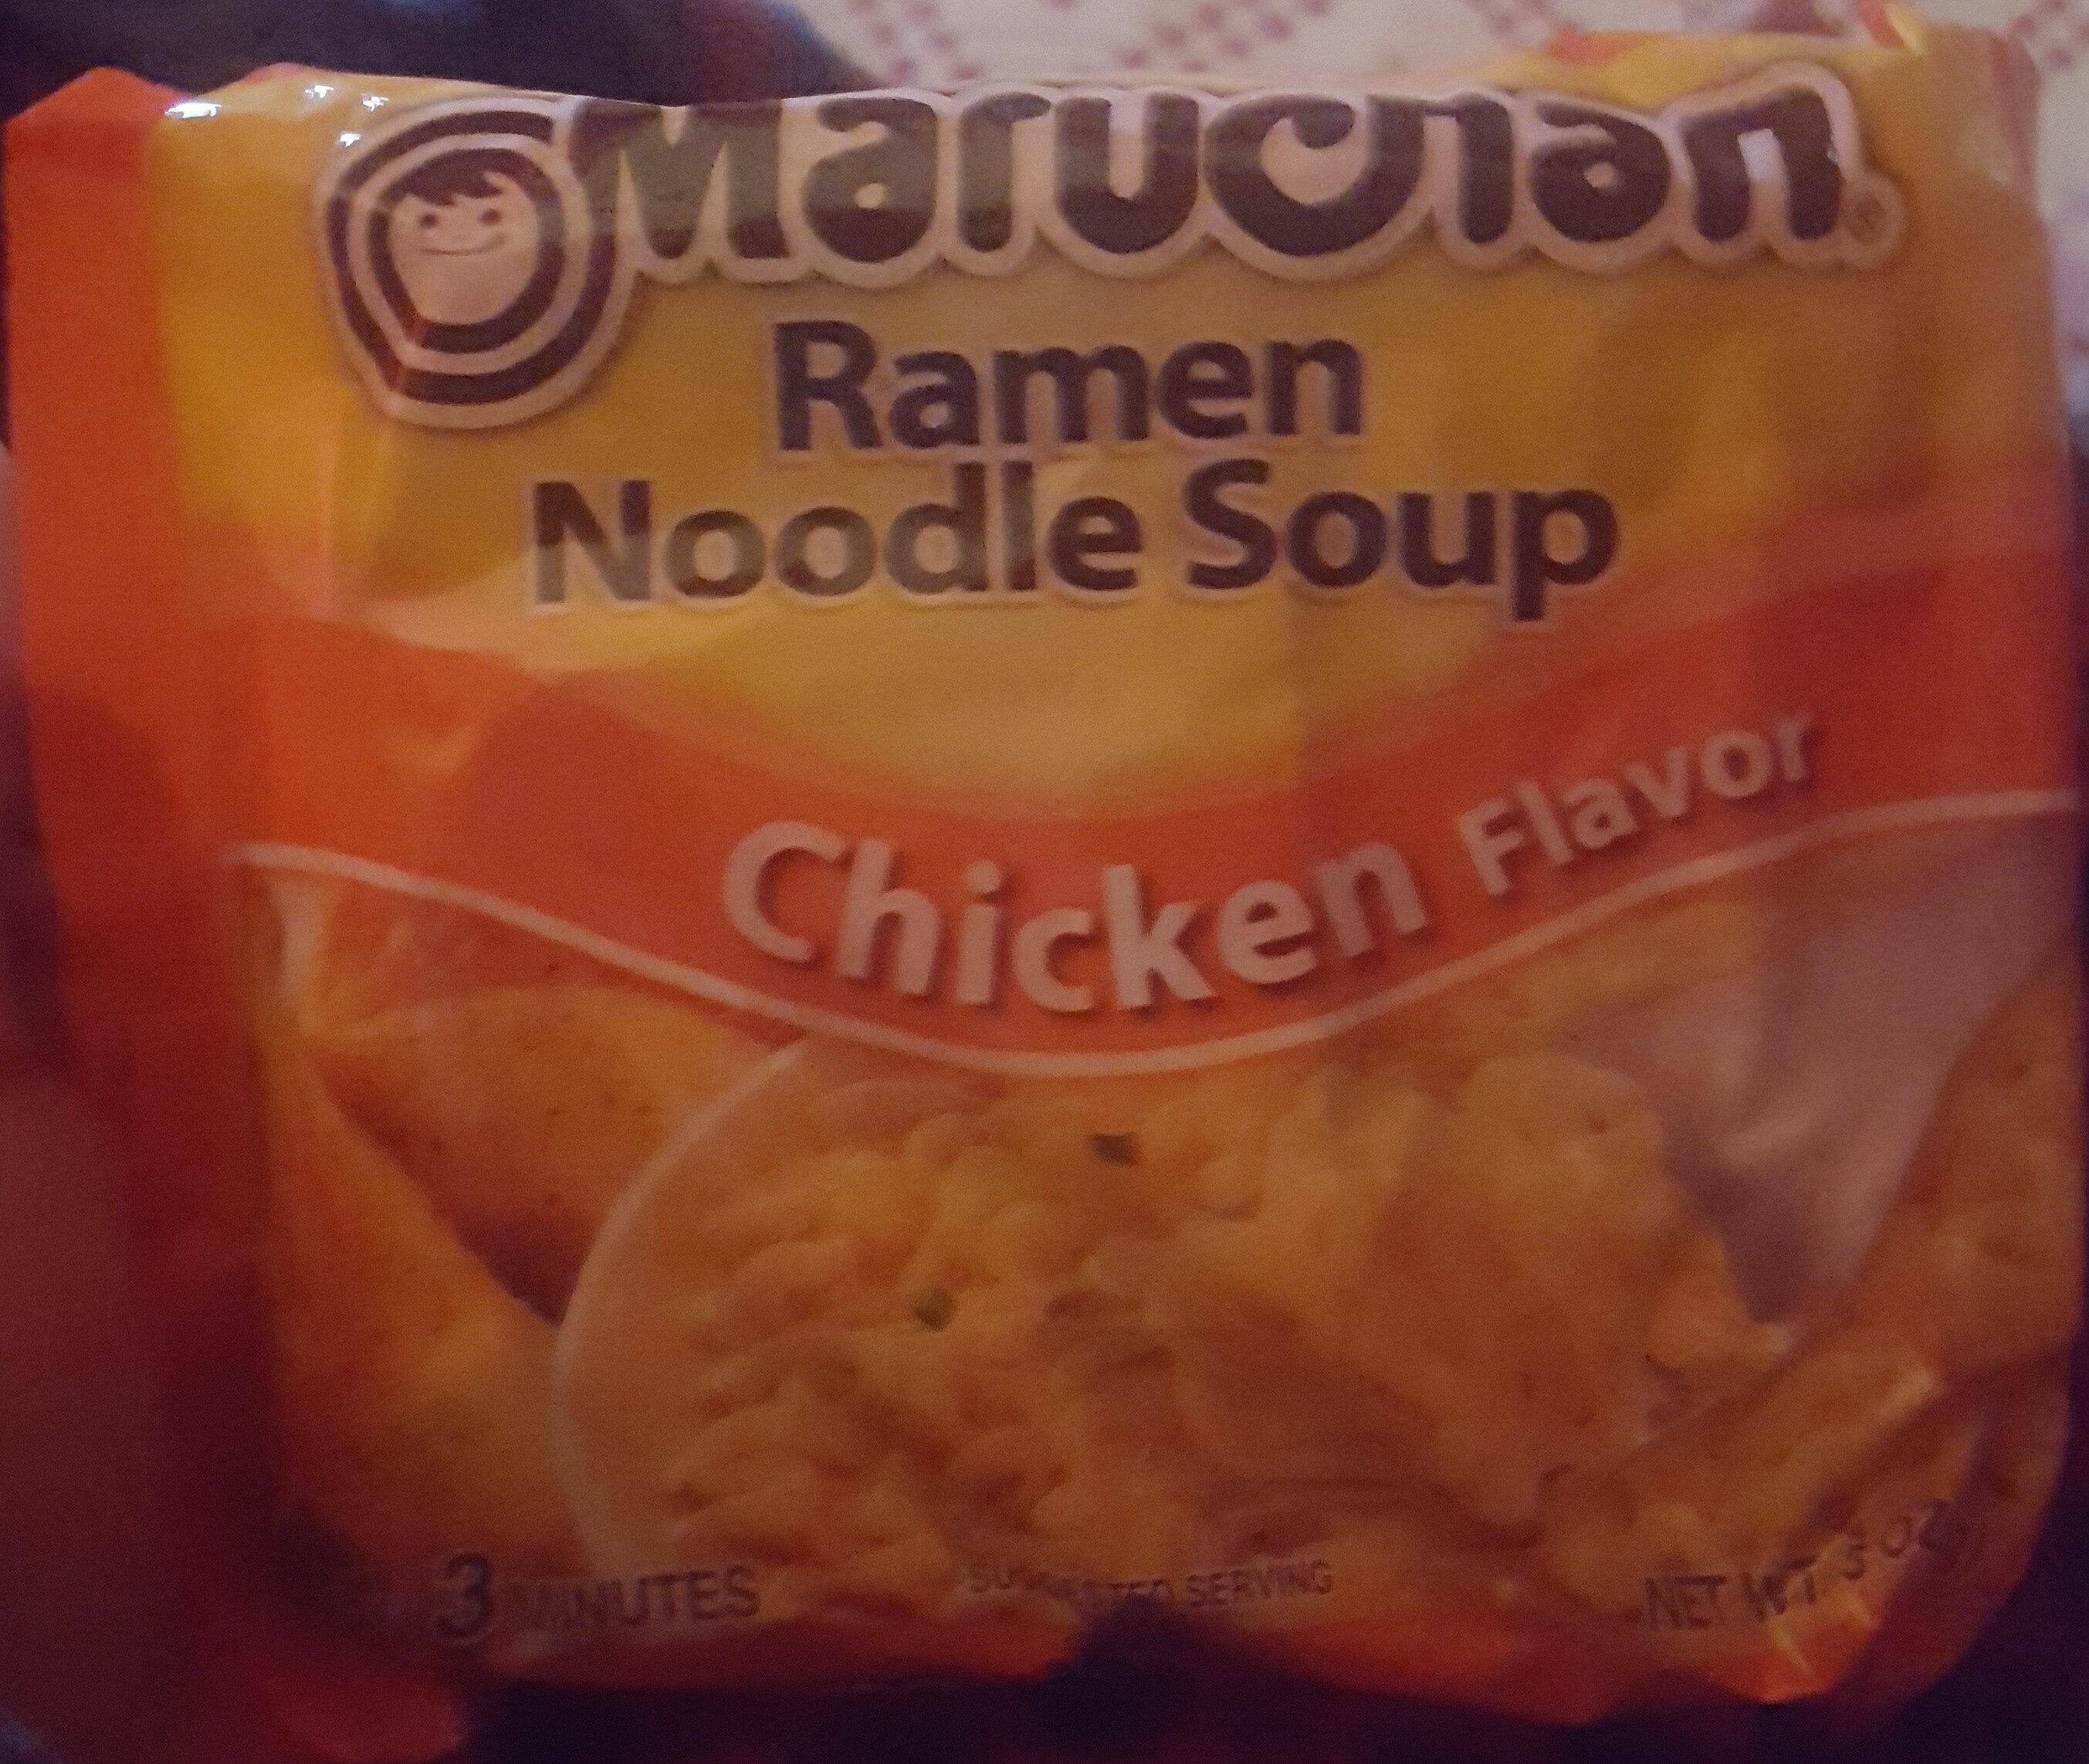 Ramen Noodle Soup, Chicken - Product